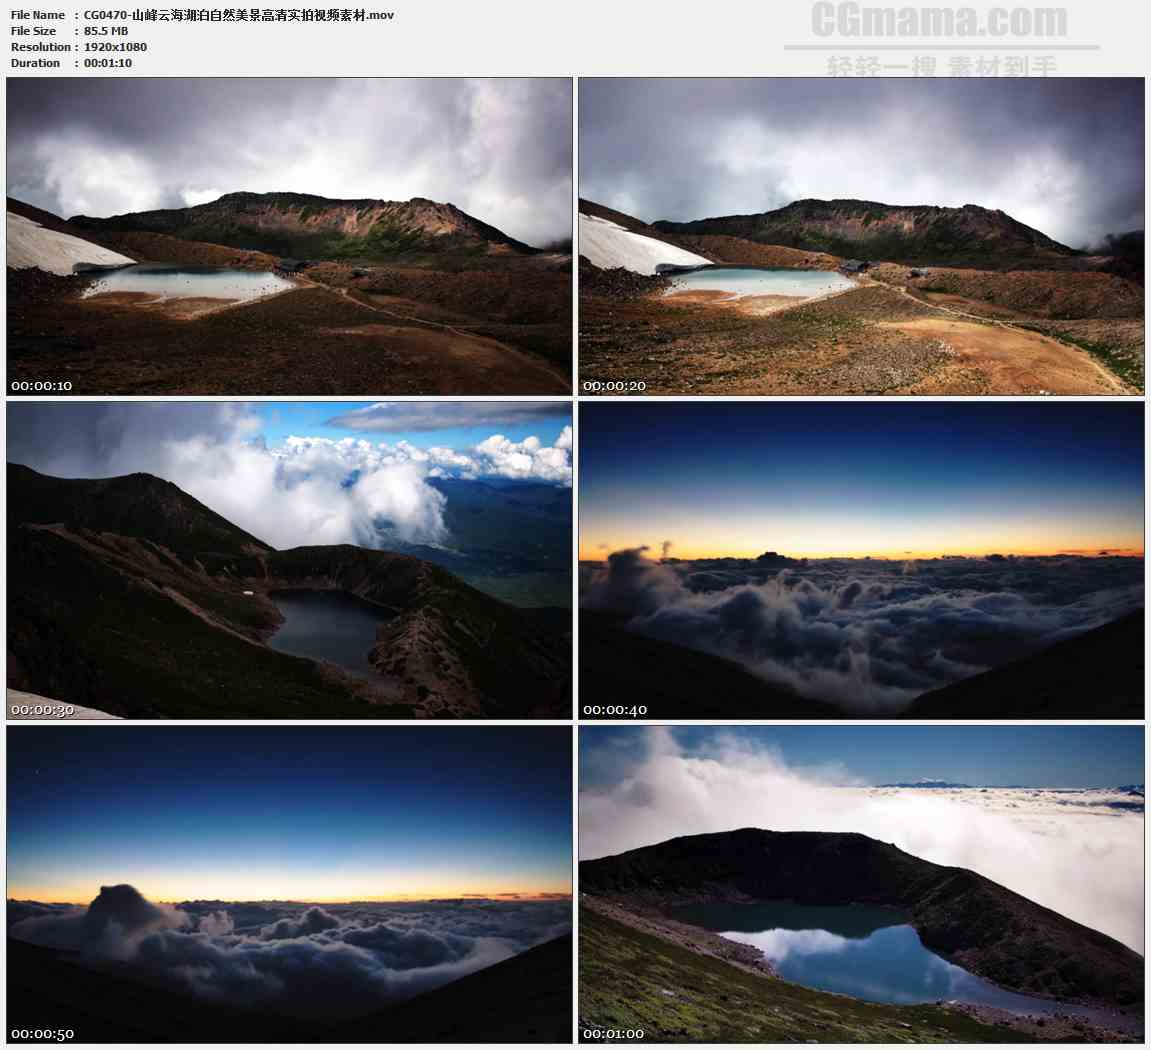 CG0469-山峰崖壁高山高清实拍视频素材